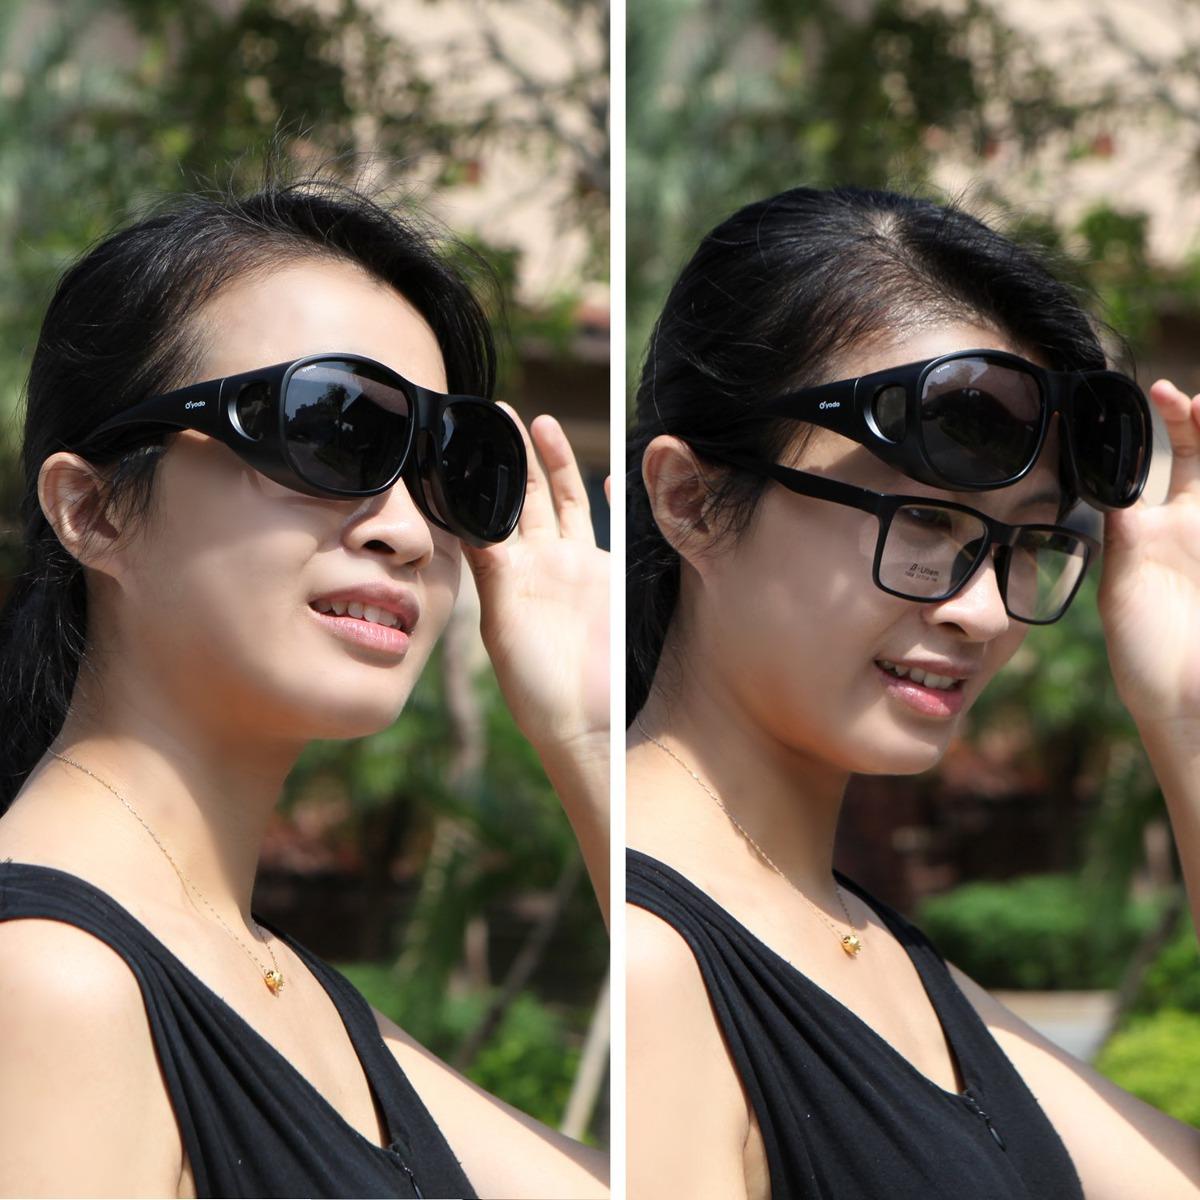 c440b9196d Gafas De Sol Yodo Fit Over Glasses Con Lentes Polarizadas - $ 54.578 en  Mercado Libre